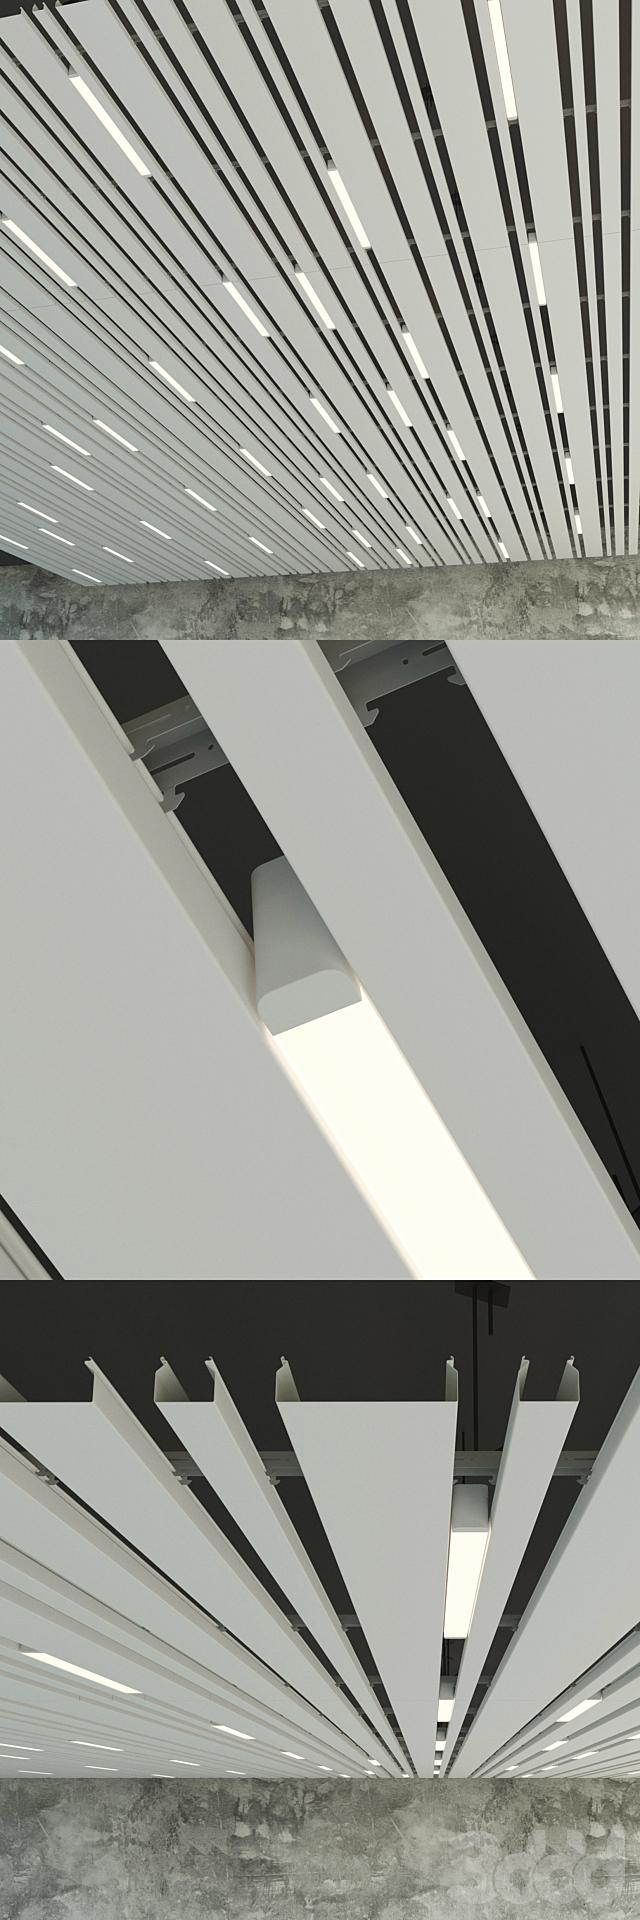 Подвесной потолок реечный 9